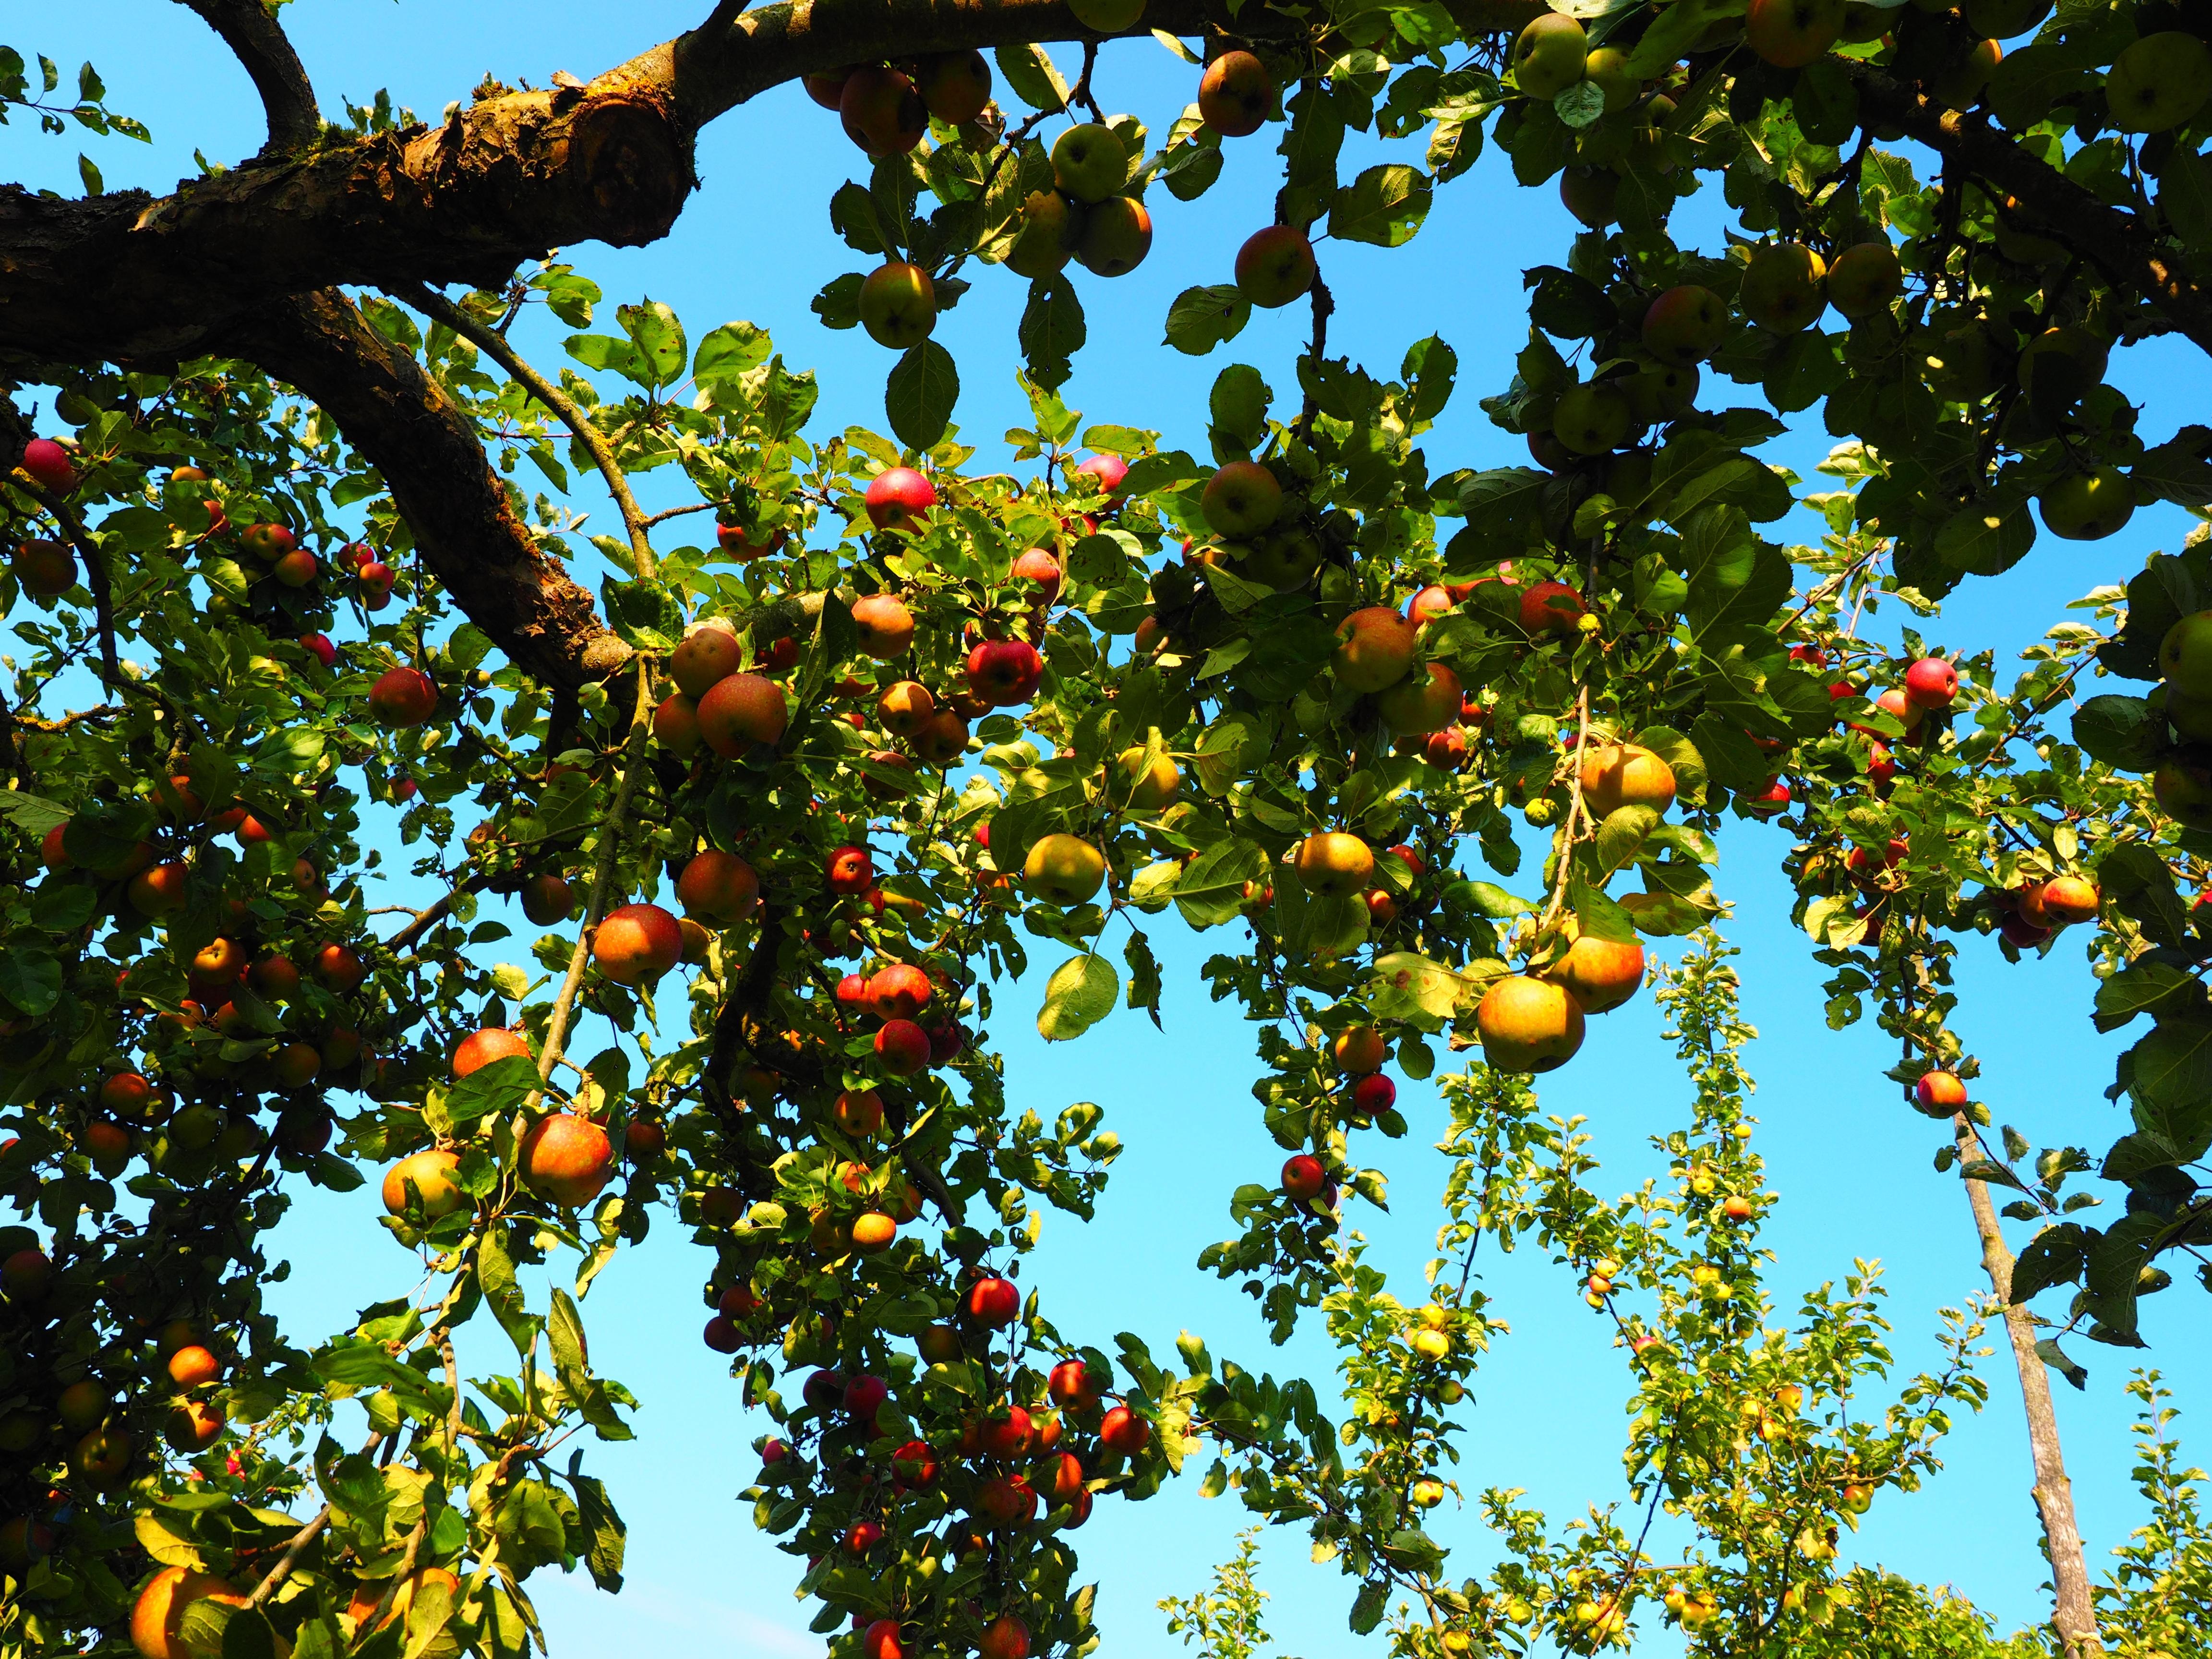 бумага картинка фруктового сада без фруктов мчс наградило